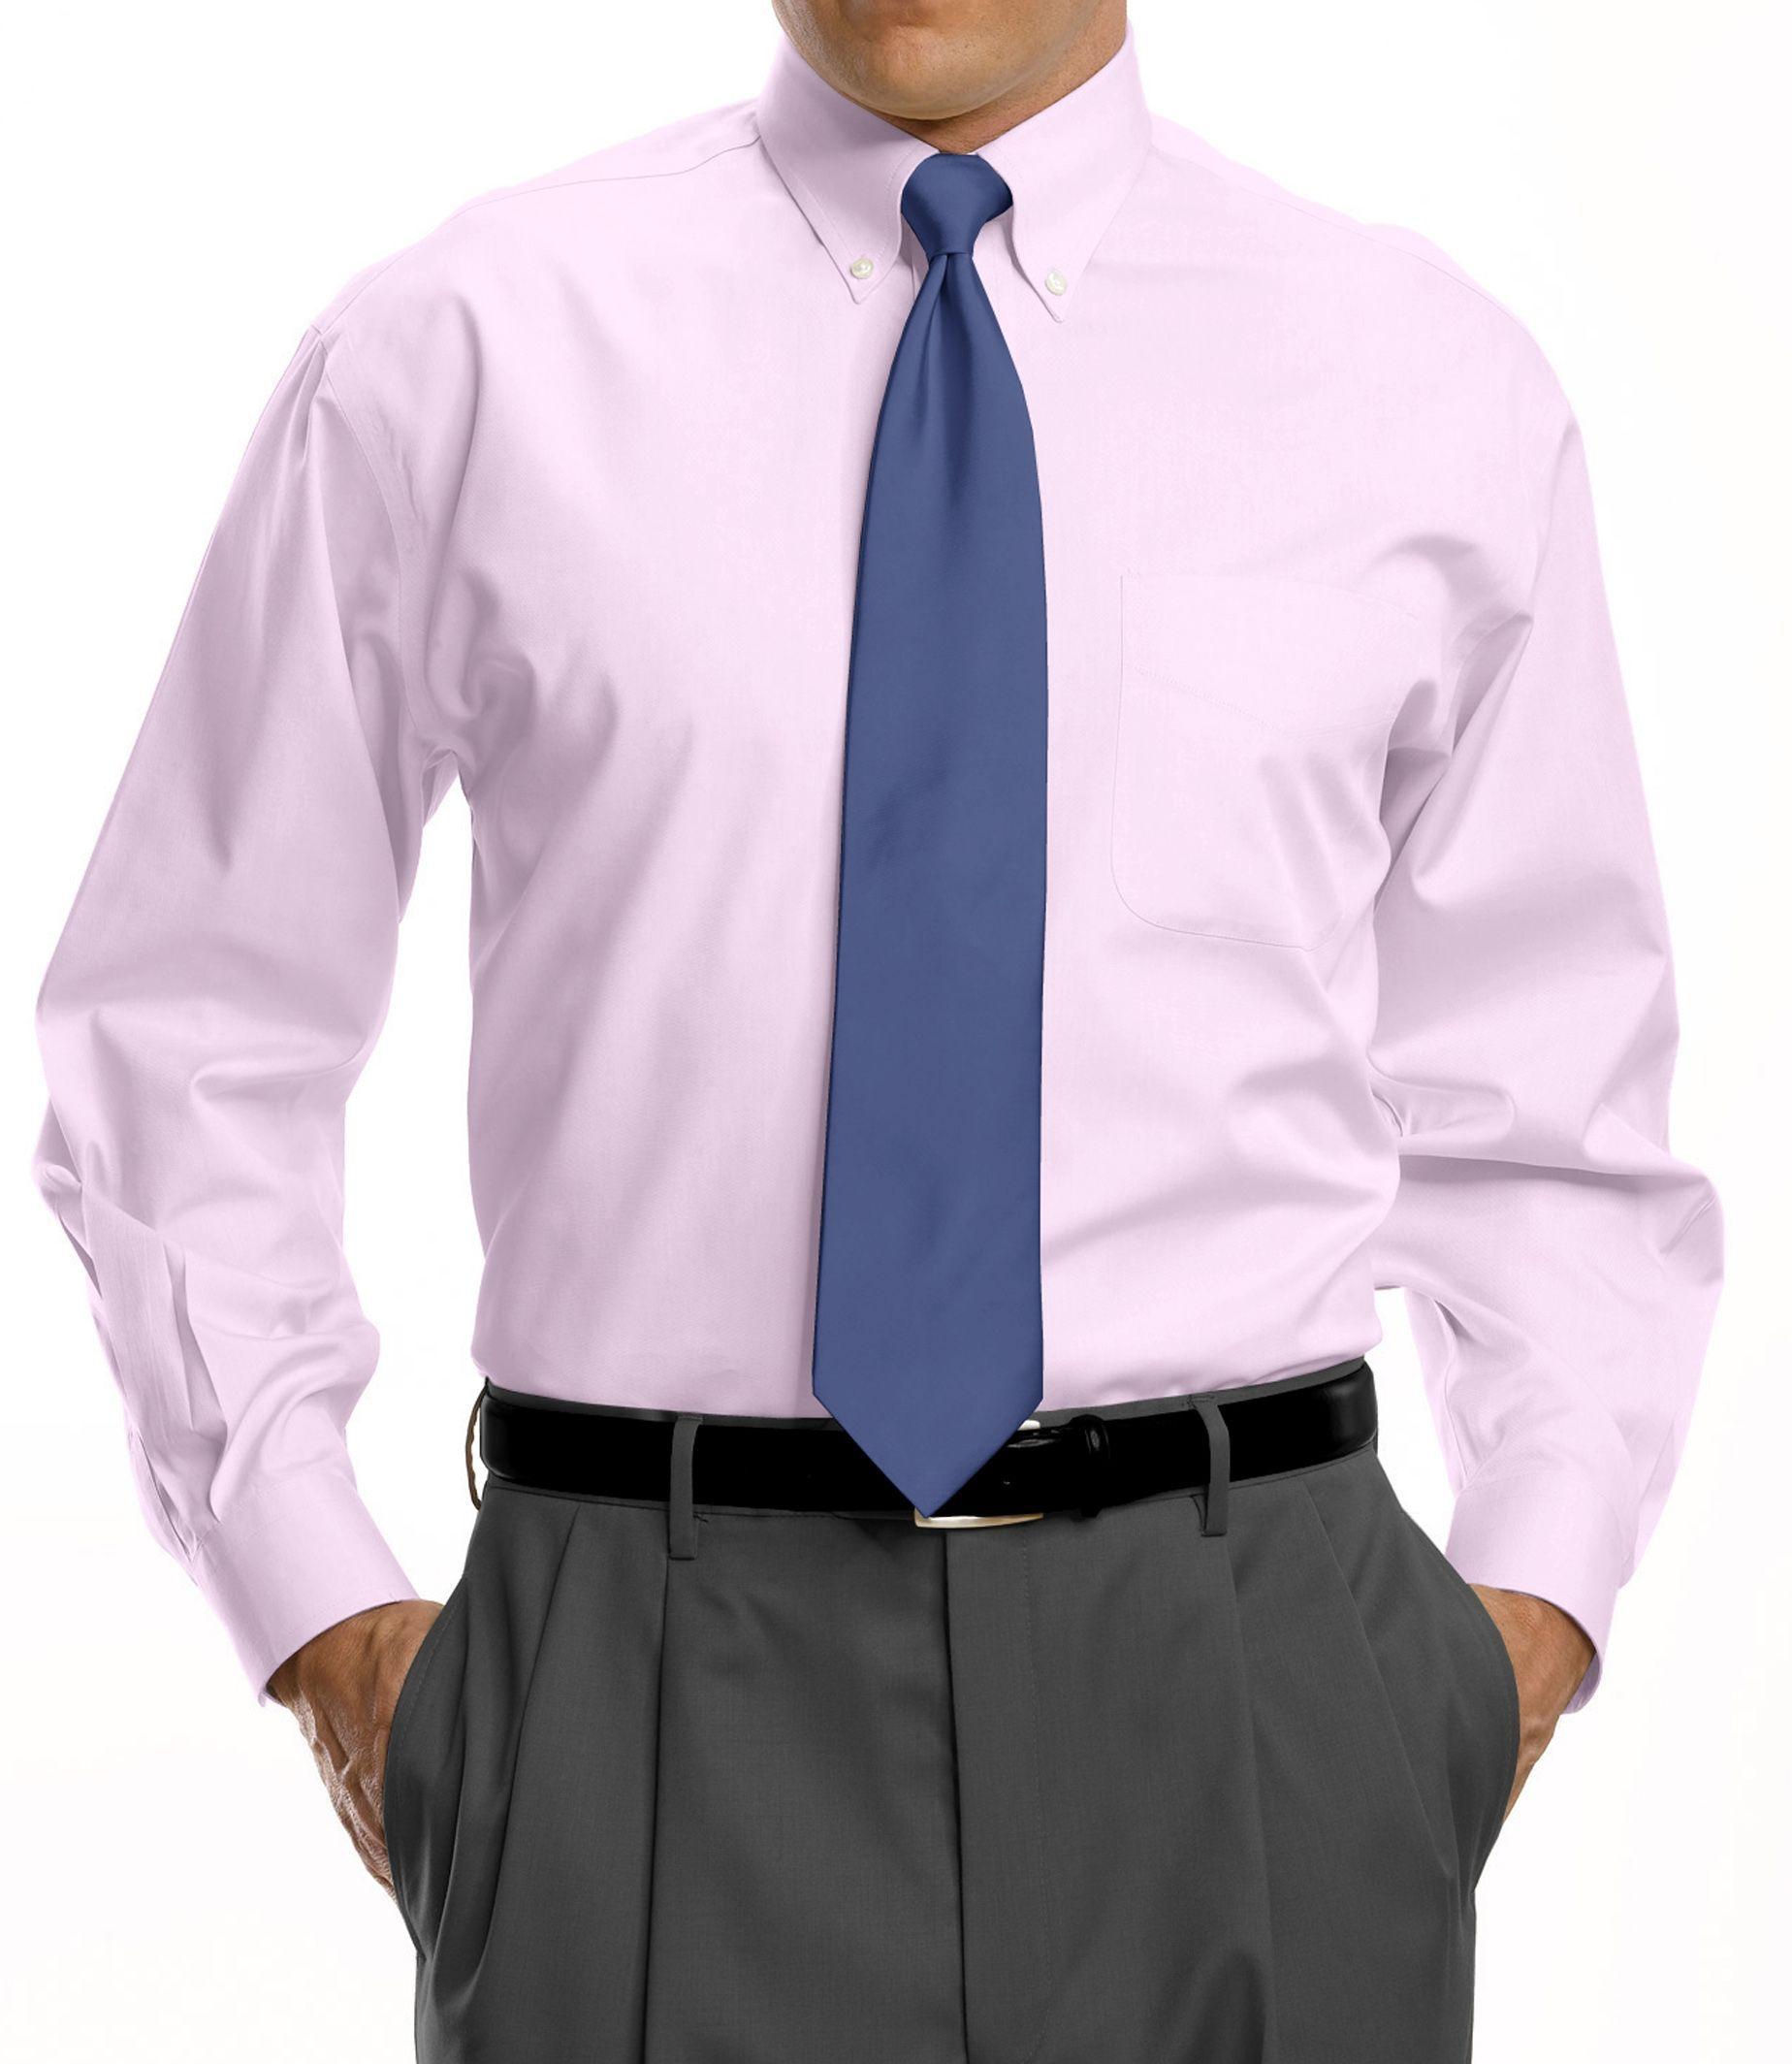 04f22b92 Cheap Big And Tall Mens Dress Shirts - DREAMWORKS